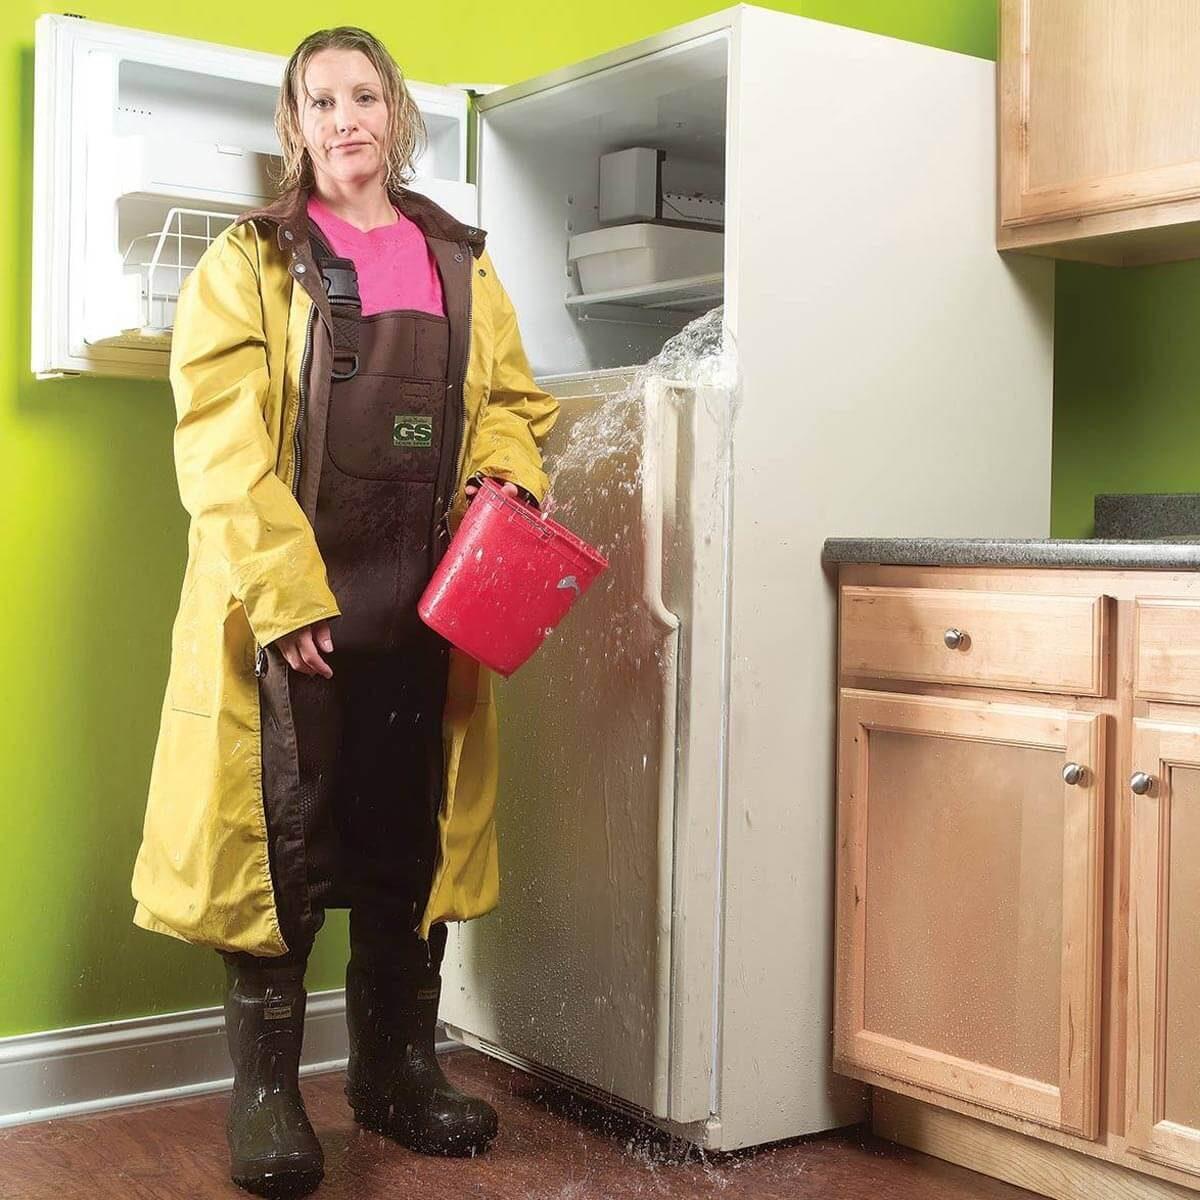 fh04nov_03478_047 refrigerator freezer thaw melt